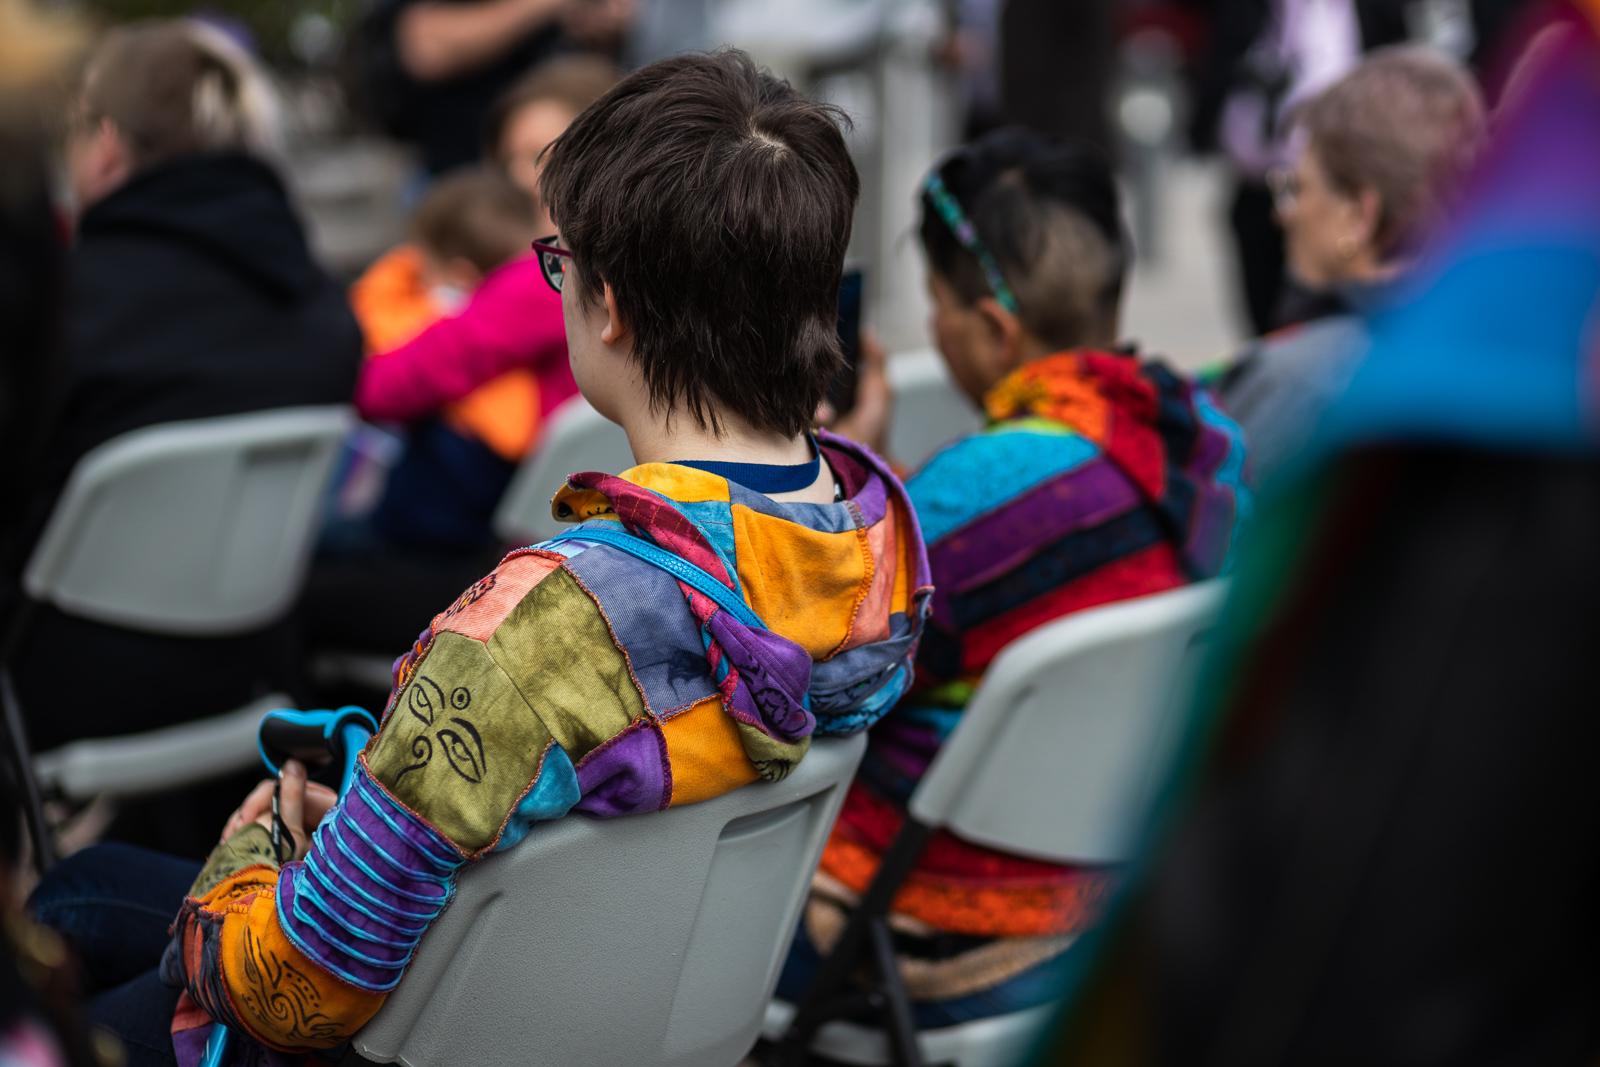 pride-2019-opening-ceremonies-blog-24.jpg